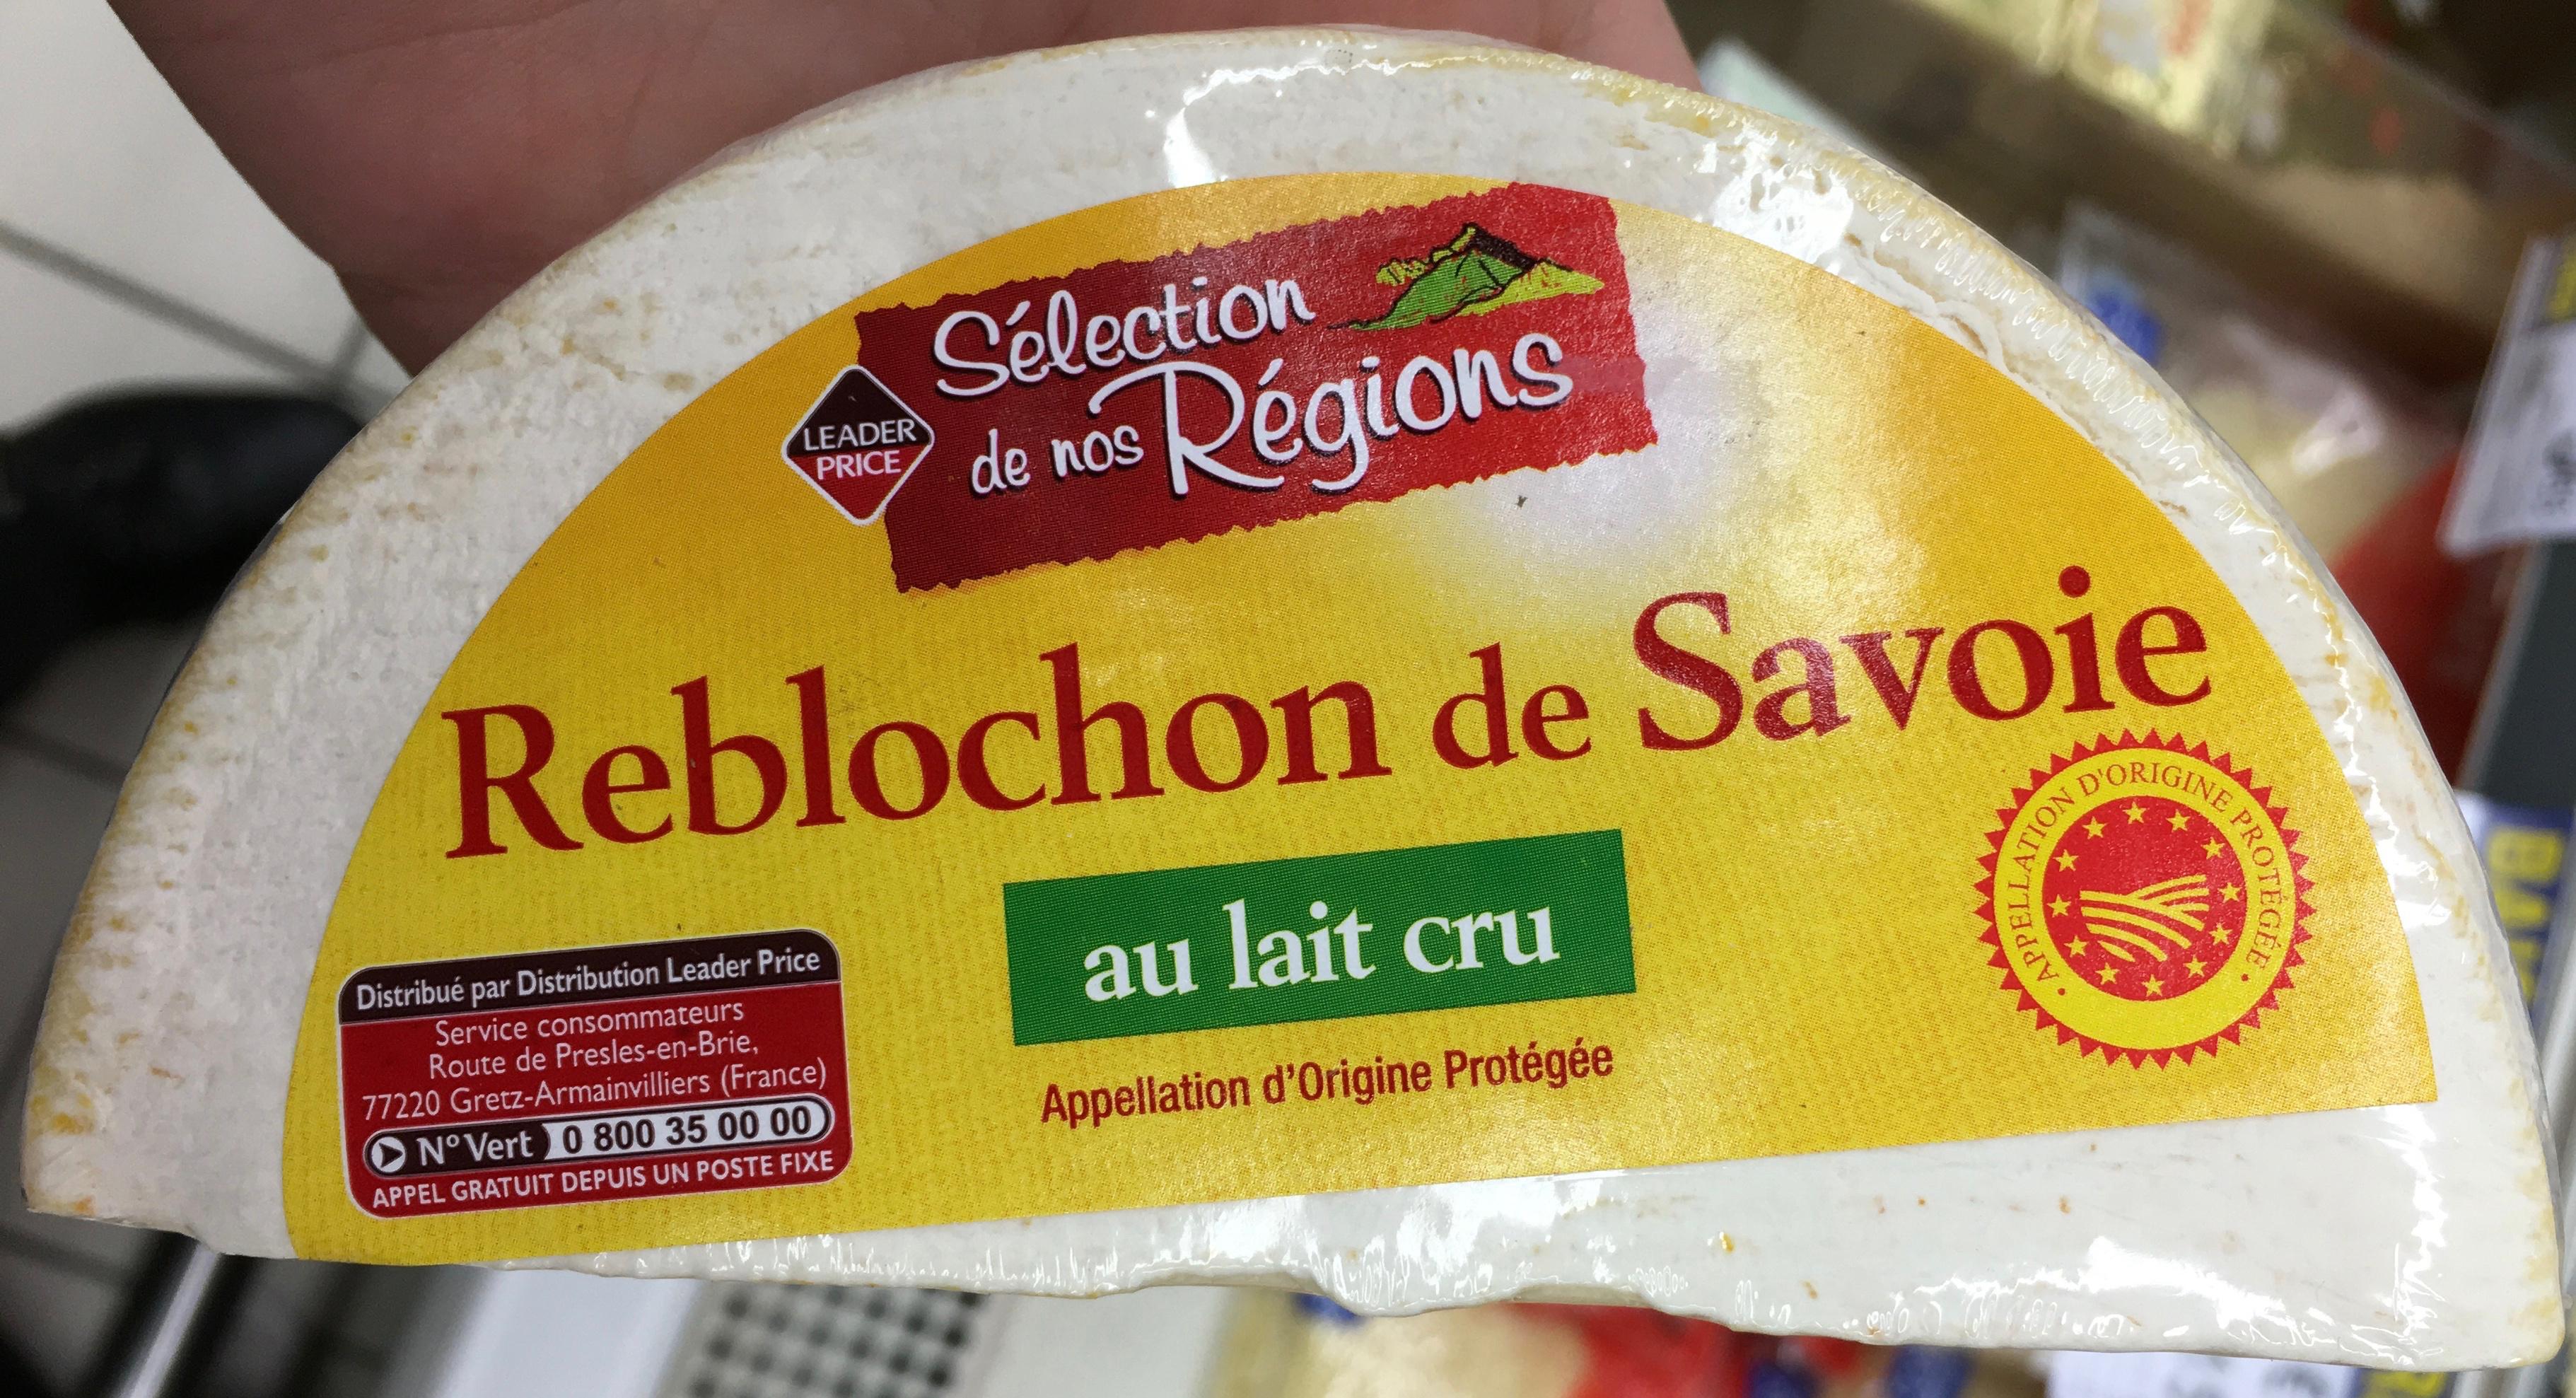 Reblochon de Savoie au lait cru (25% MG) - Product - fr